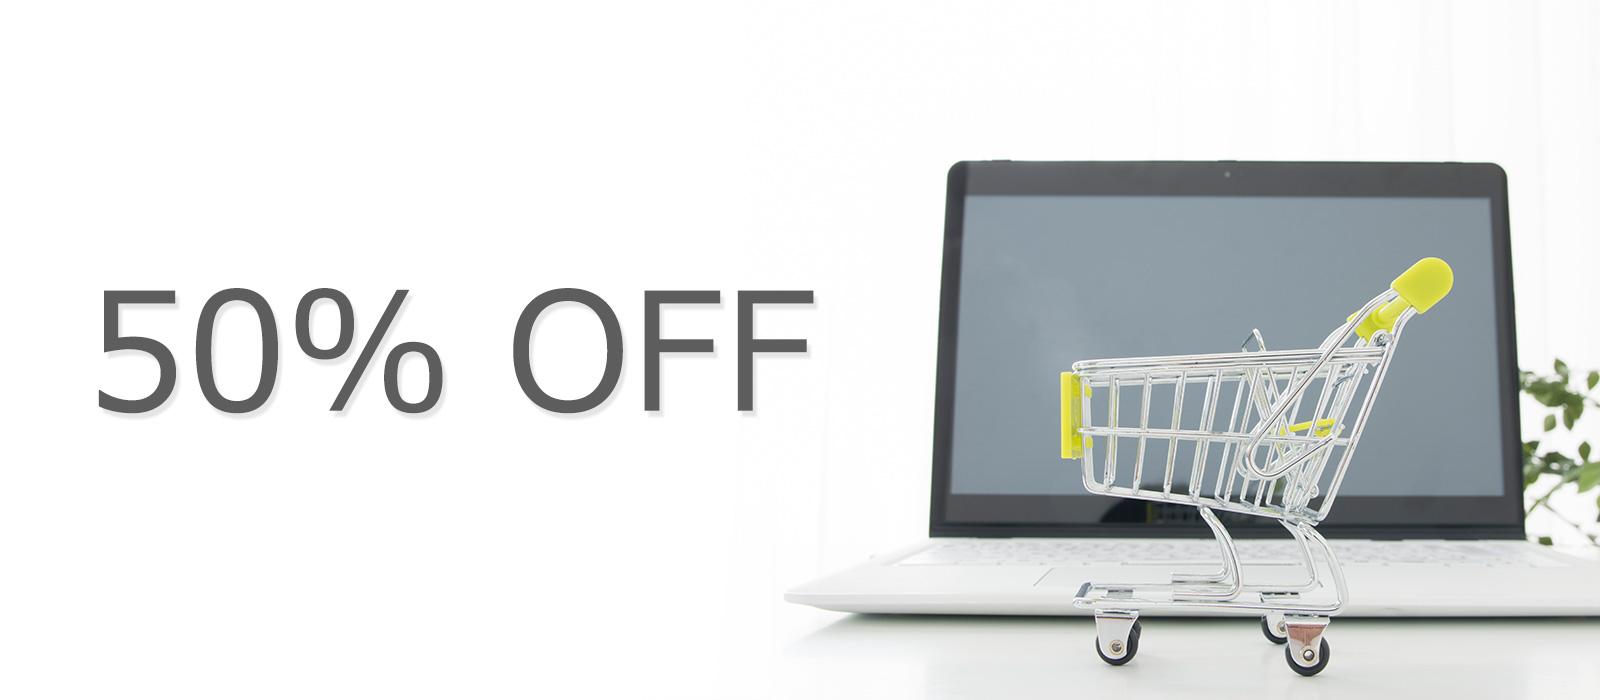 多店舗サロンなどで複数サイトを運営する場合のお得な割引